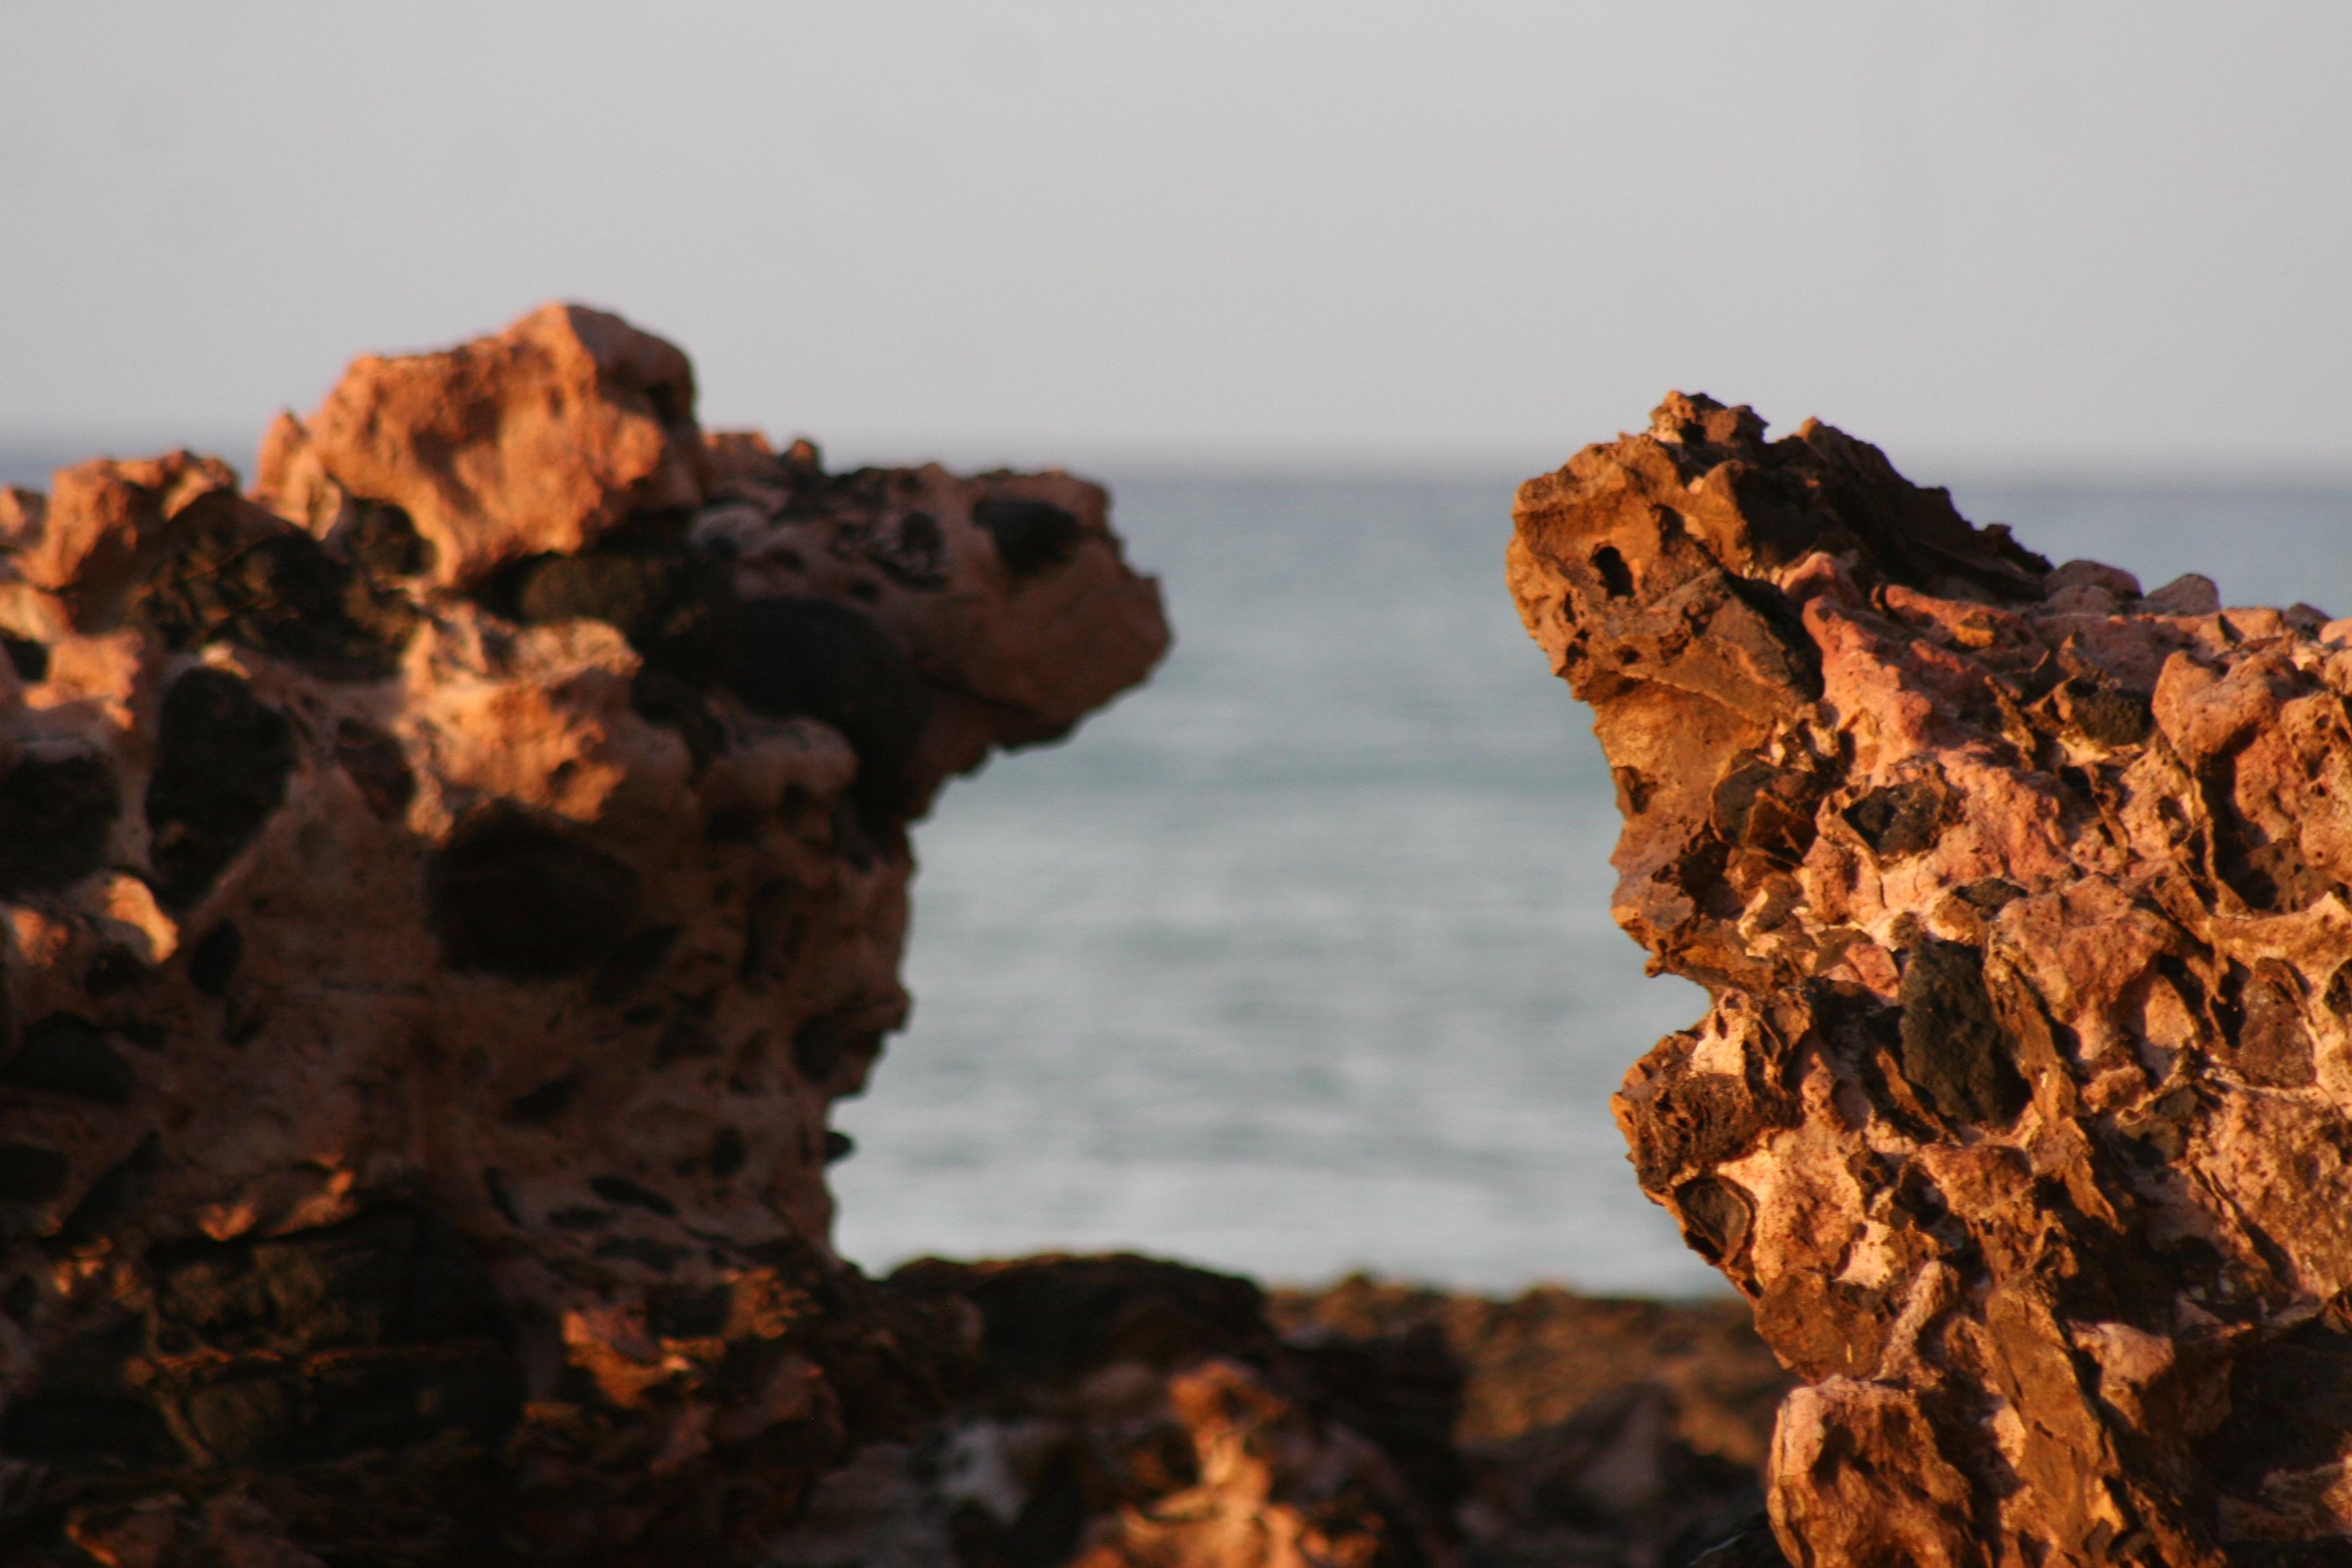 Bờ Biển Đá Bầu Trời Đá Lửa Phong Cảnh